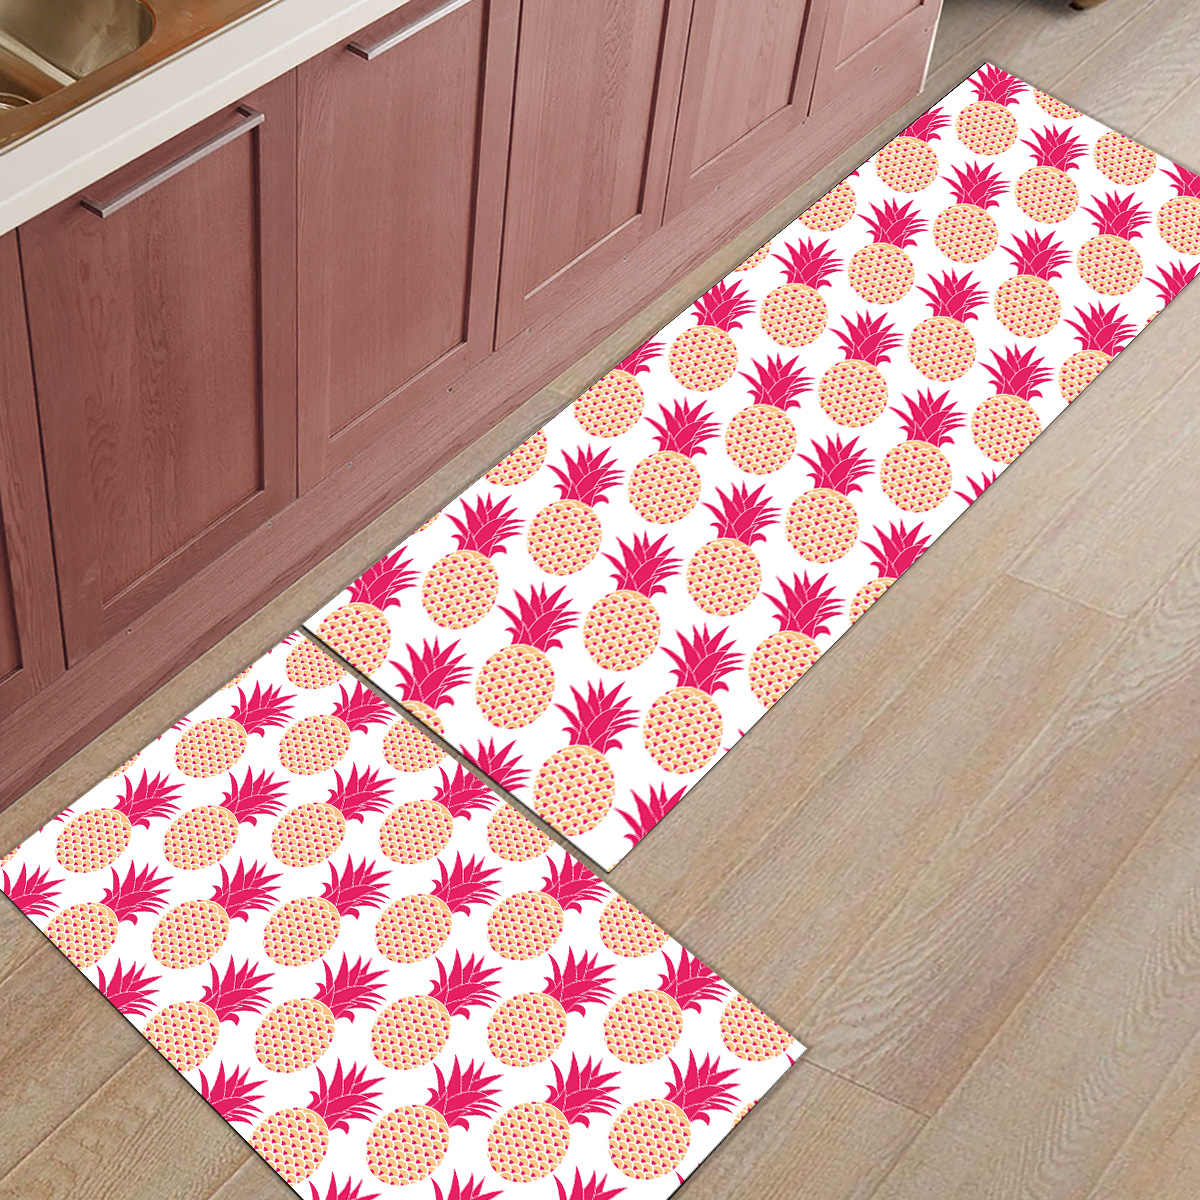 2 sztuka kuchnia maty i dywany zestaw nowoczesny różowy ananas wystrój domu Non Skid obszar Runner drzwi maty dywan